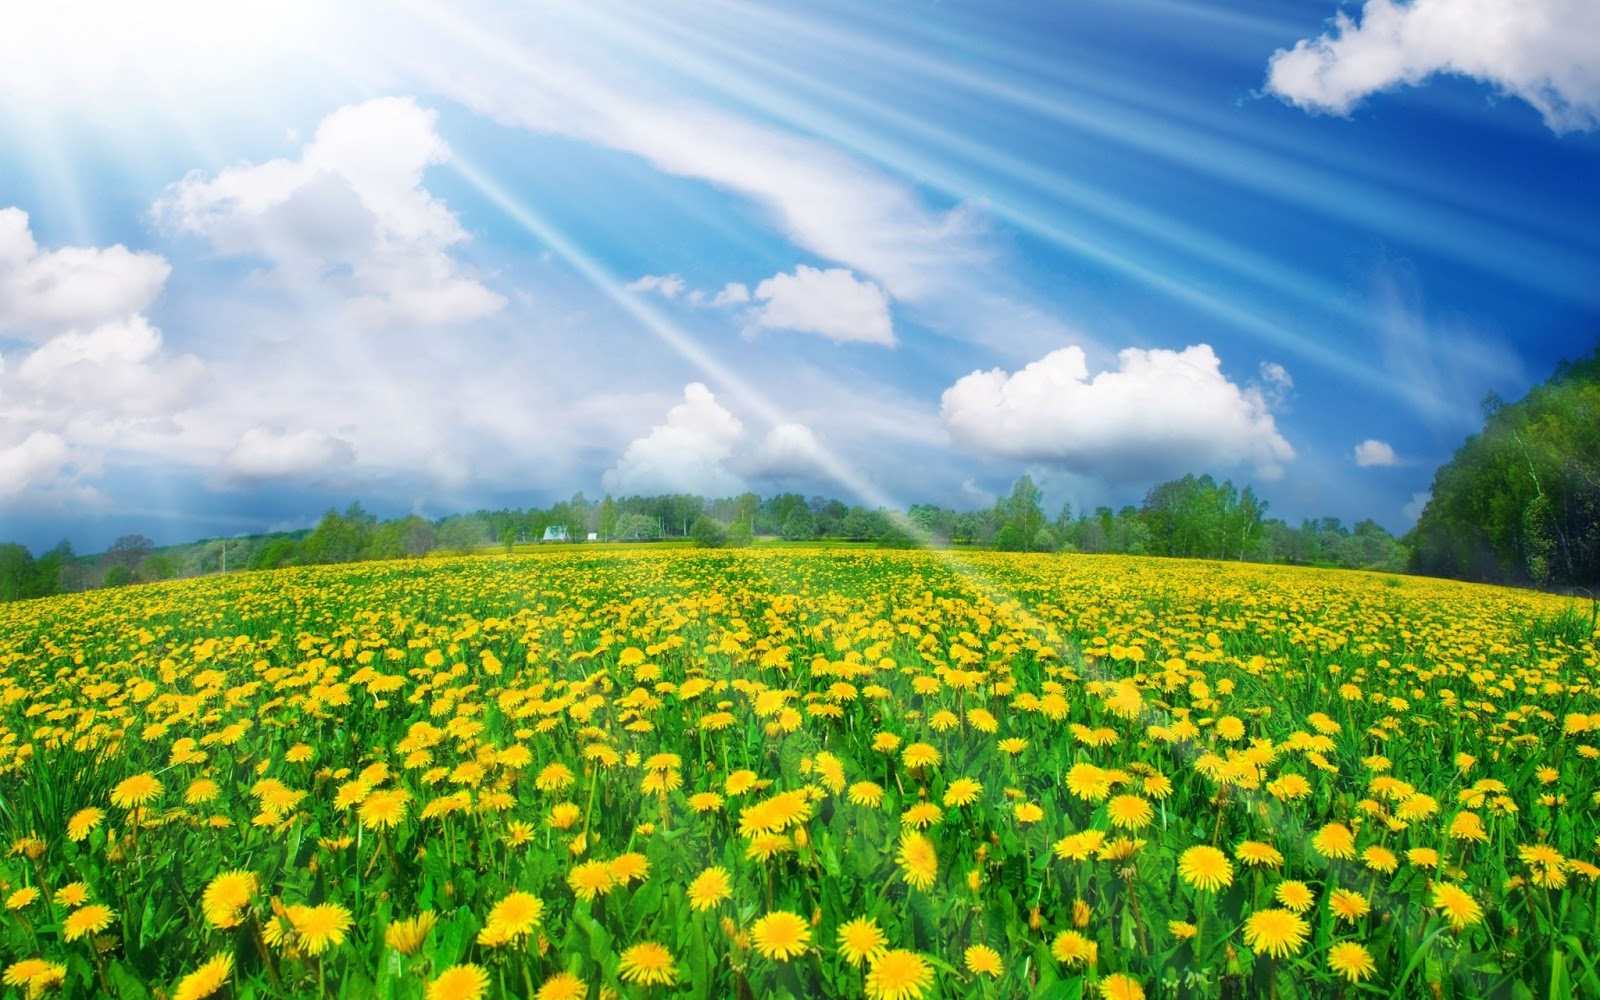 Hình nền cánh đồng hoa cúc vàng đẹp trong ánh nắng